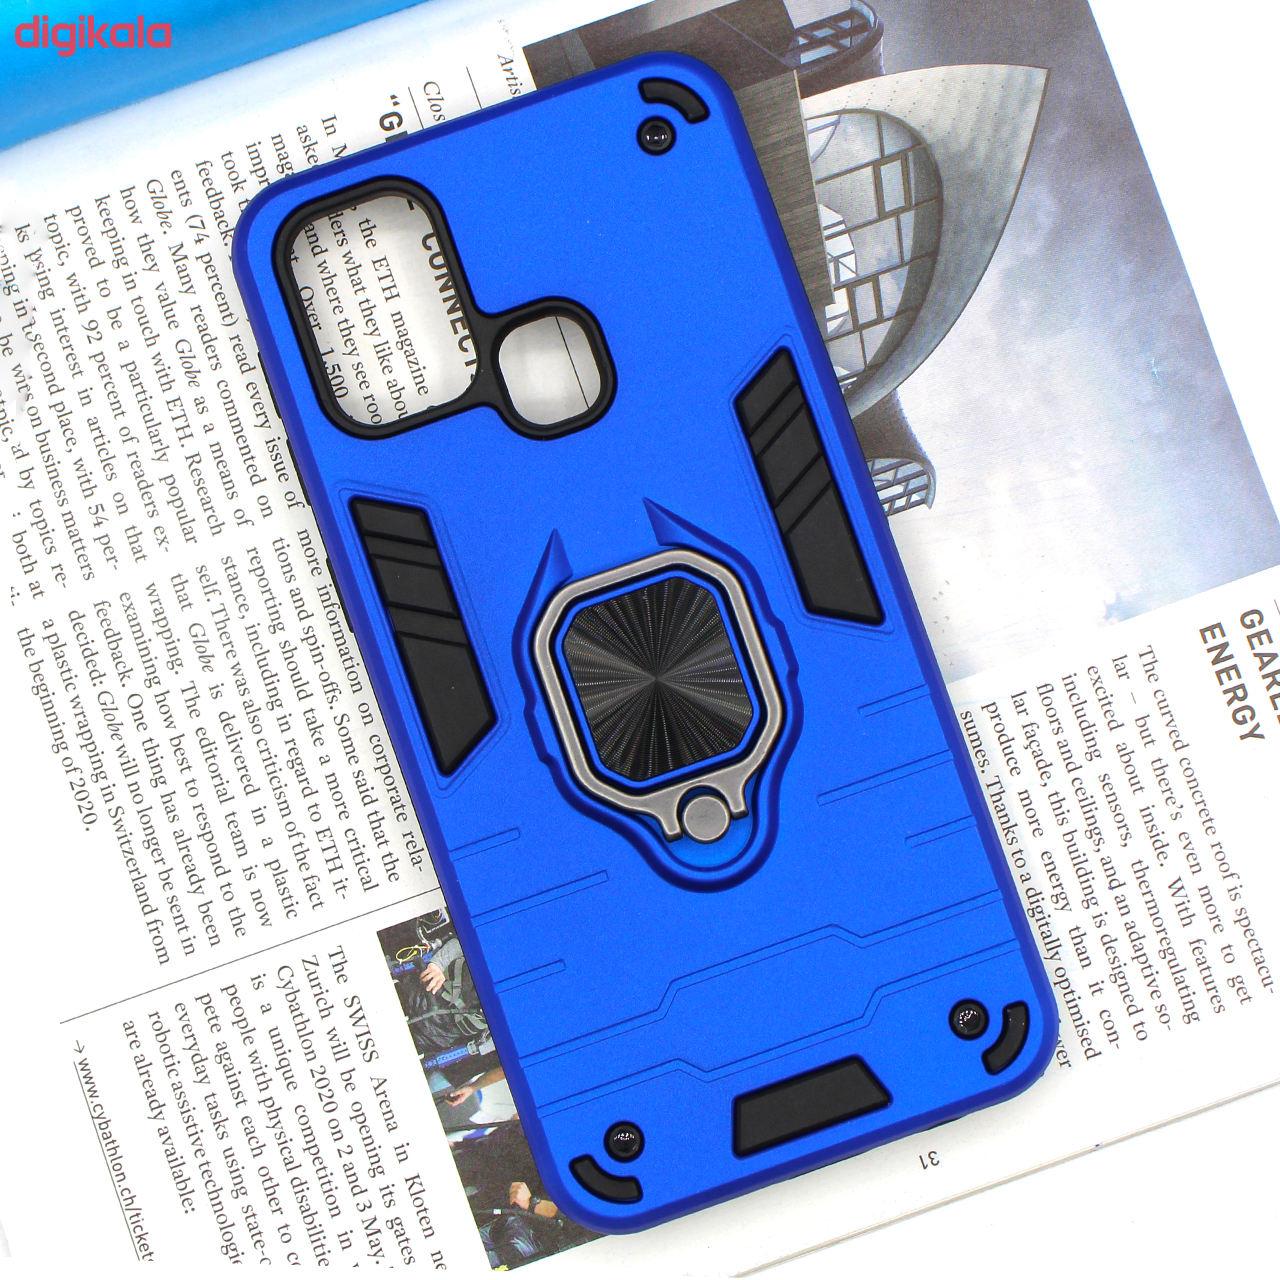 کاور کینگ پاور مدل ASH22 مناسب برای گوشی موبایل سامسونگ Galaxy M31 main 1 9